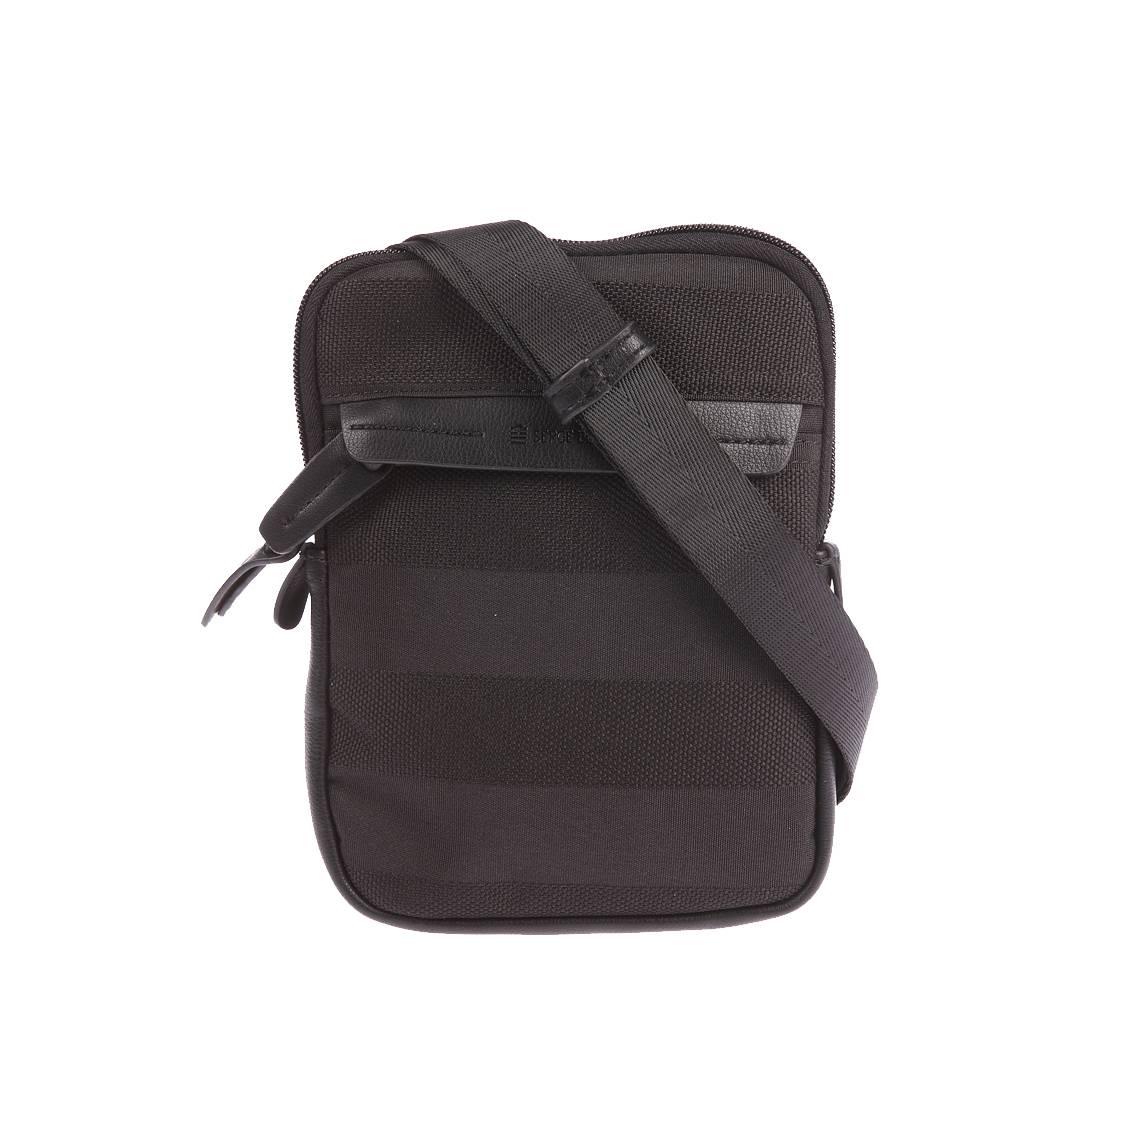 Petite sacoche zippée Serge Blanco noire à rayures ton sur ton. Polyester (100%)Noire - Rayures ton sur ton - Doublure intérieure